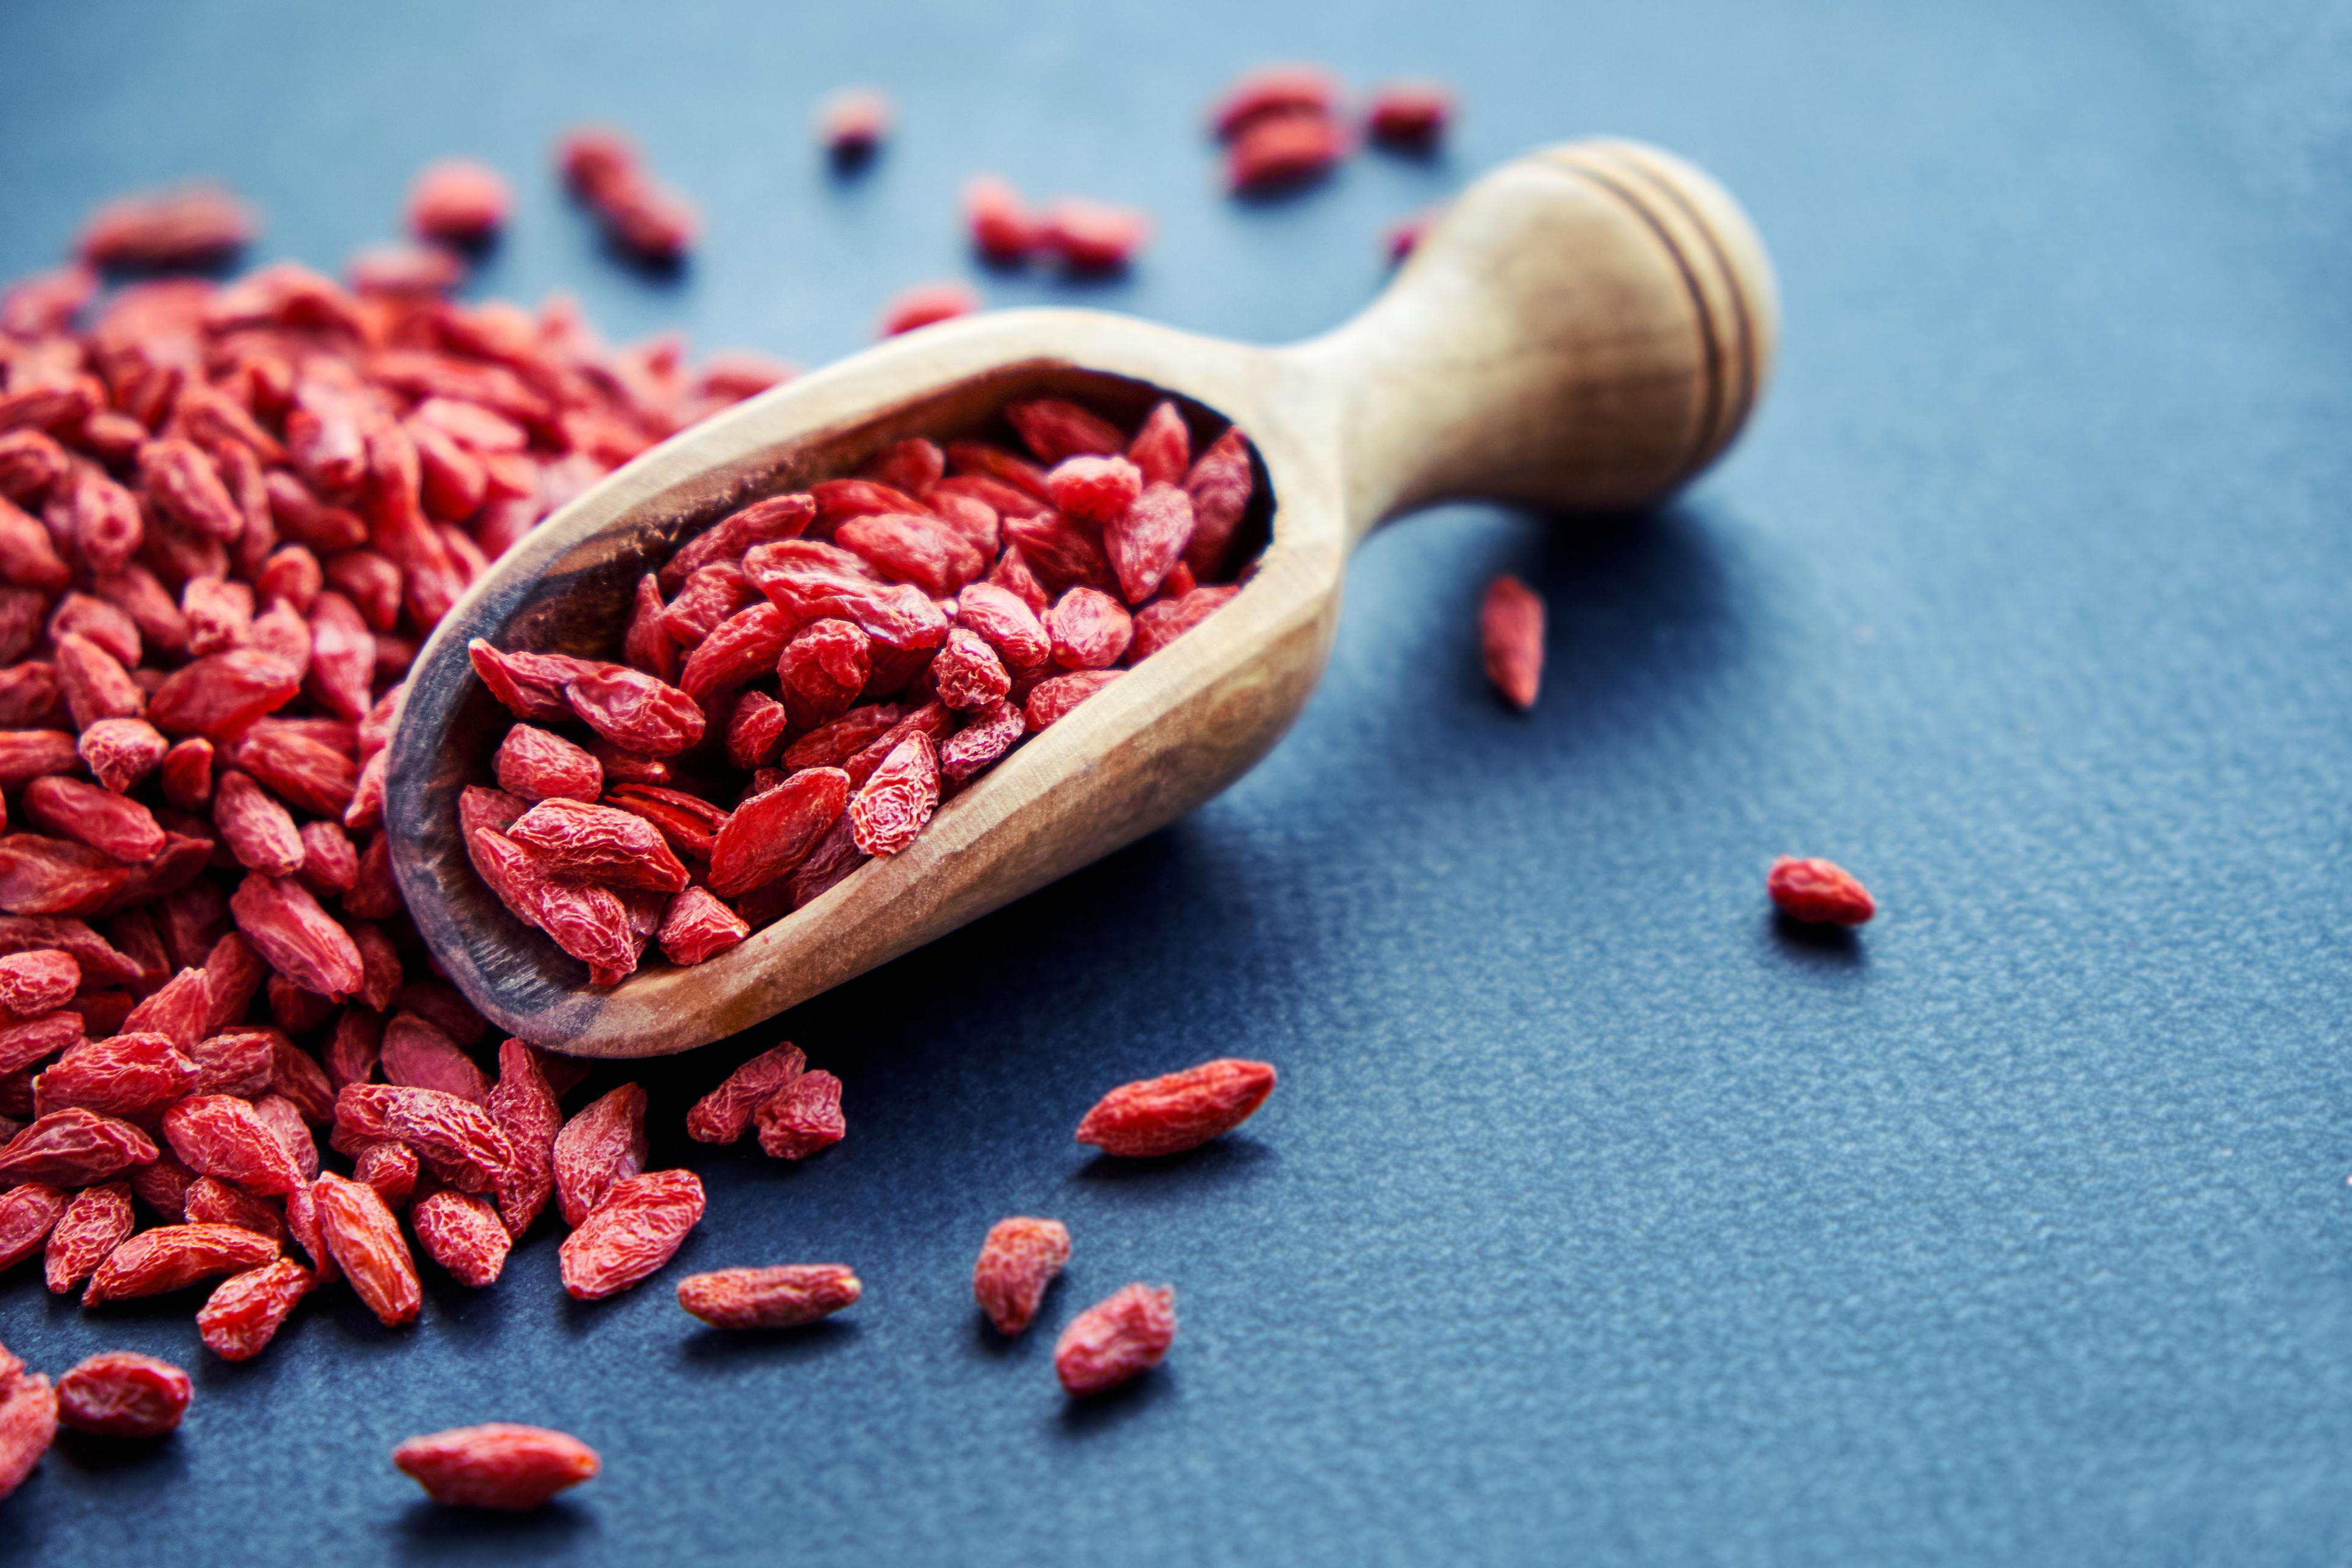 Descubra 8 benefícios de incluir bagas goji na sua alimentação